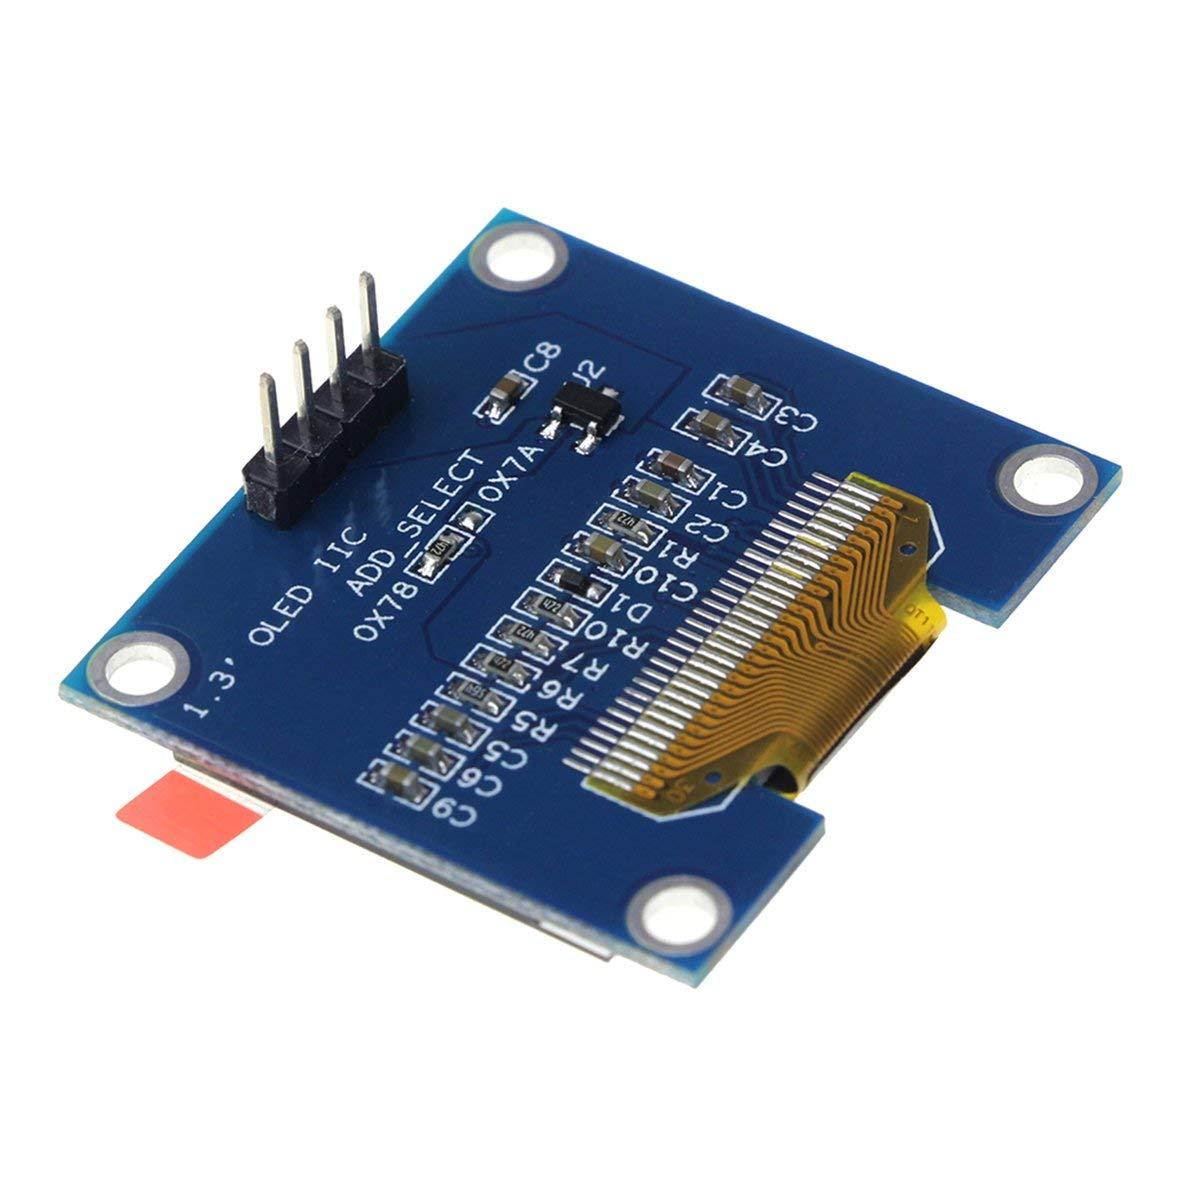 Blue 1.3 Inch 4 Pin I2C IIC Serial 128X64 OLED LCD LED Display Module SH1106 for Arduino 51 MSP420 STIM32 SCR SPI OLED Display